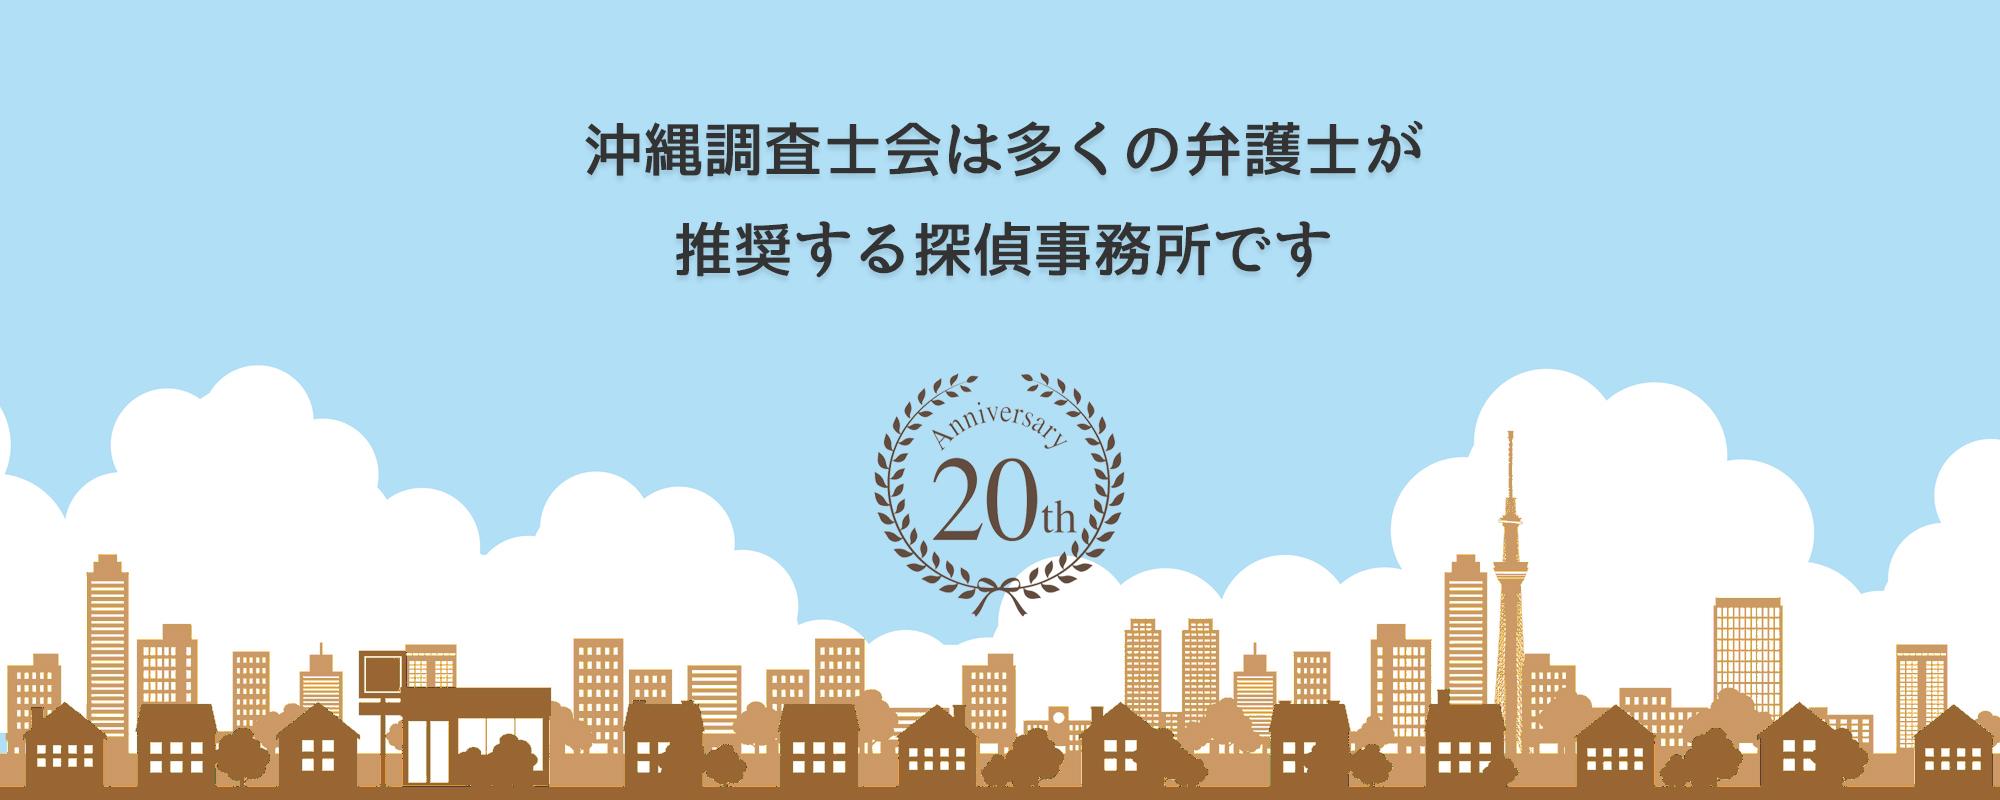 沖縄相談室は多くの弁護士事務所に推奨されています。